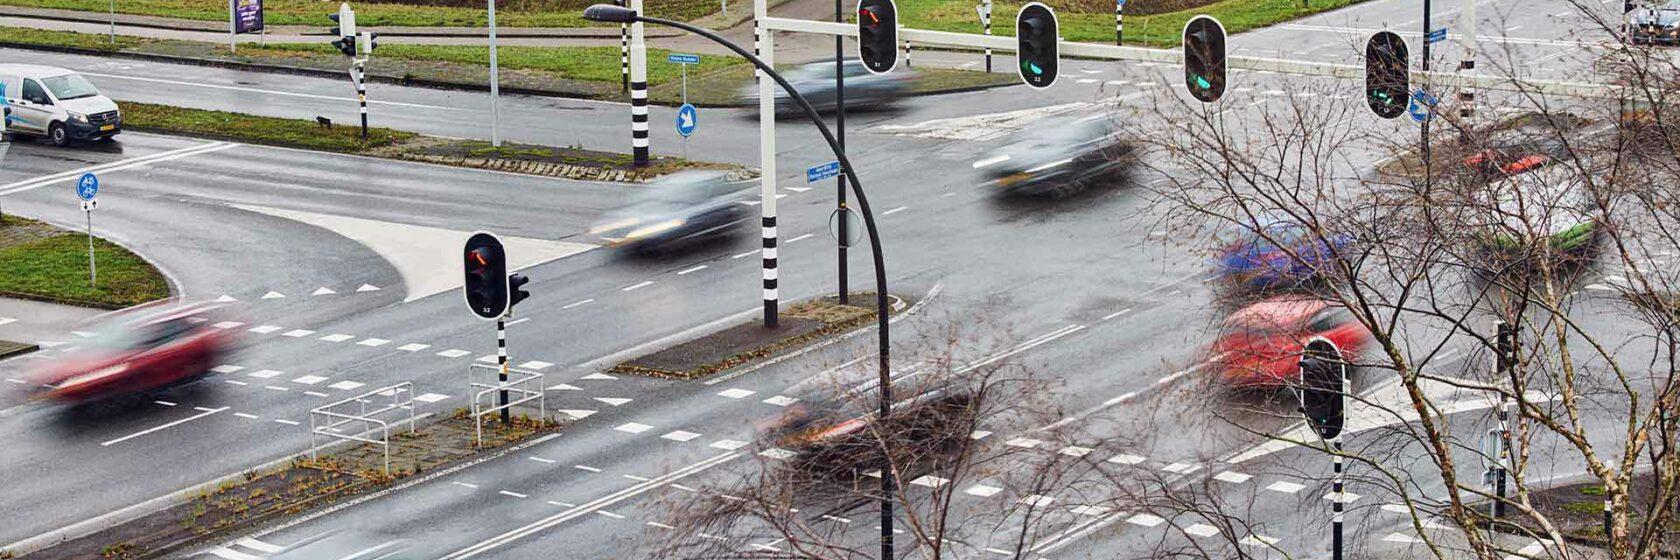 Verkeer op de Slimme Ringweg van Almelo waar gebruik wordt gemaakt van Smart Traffic